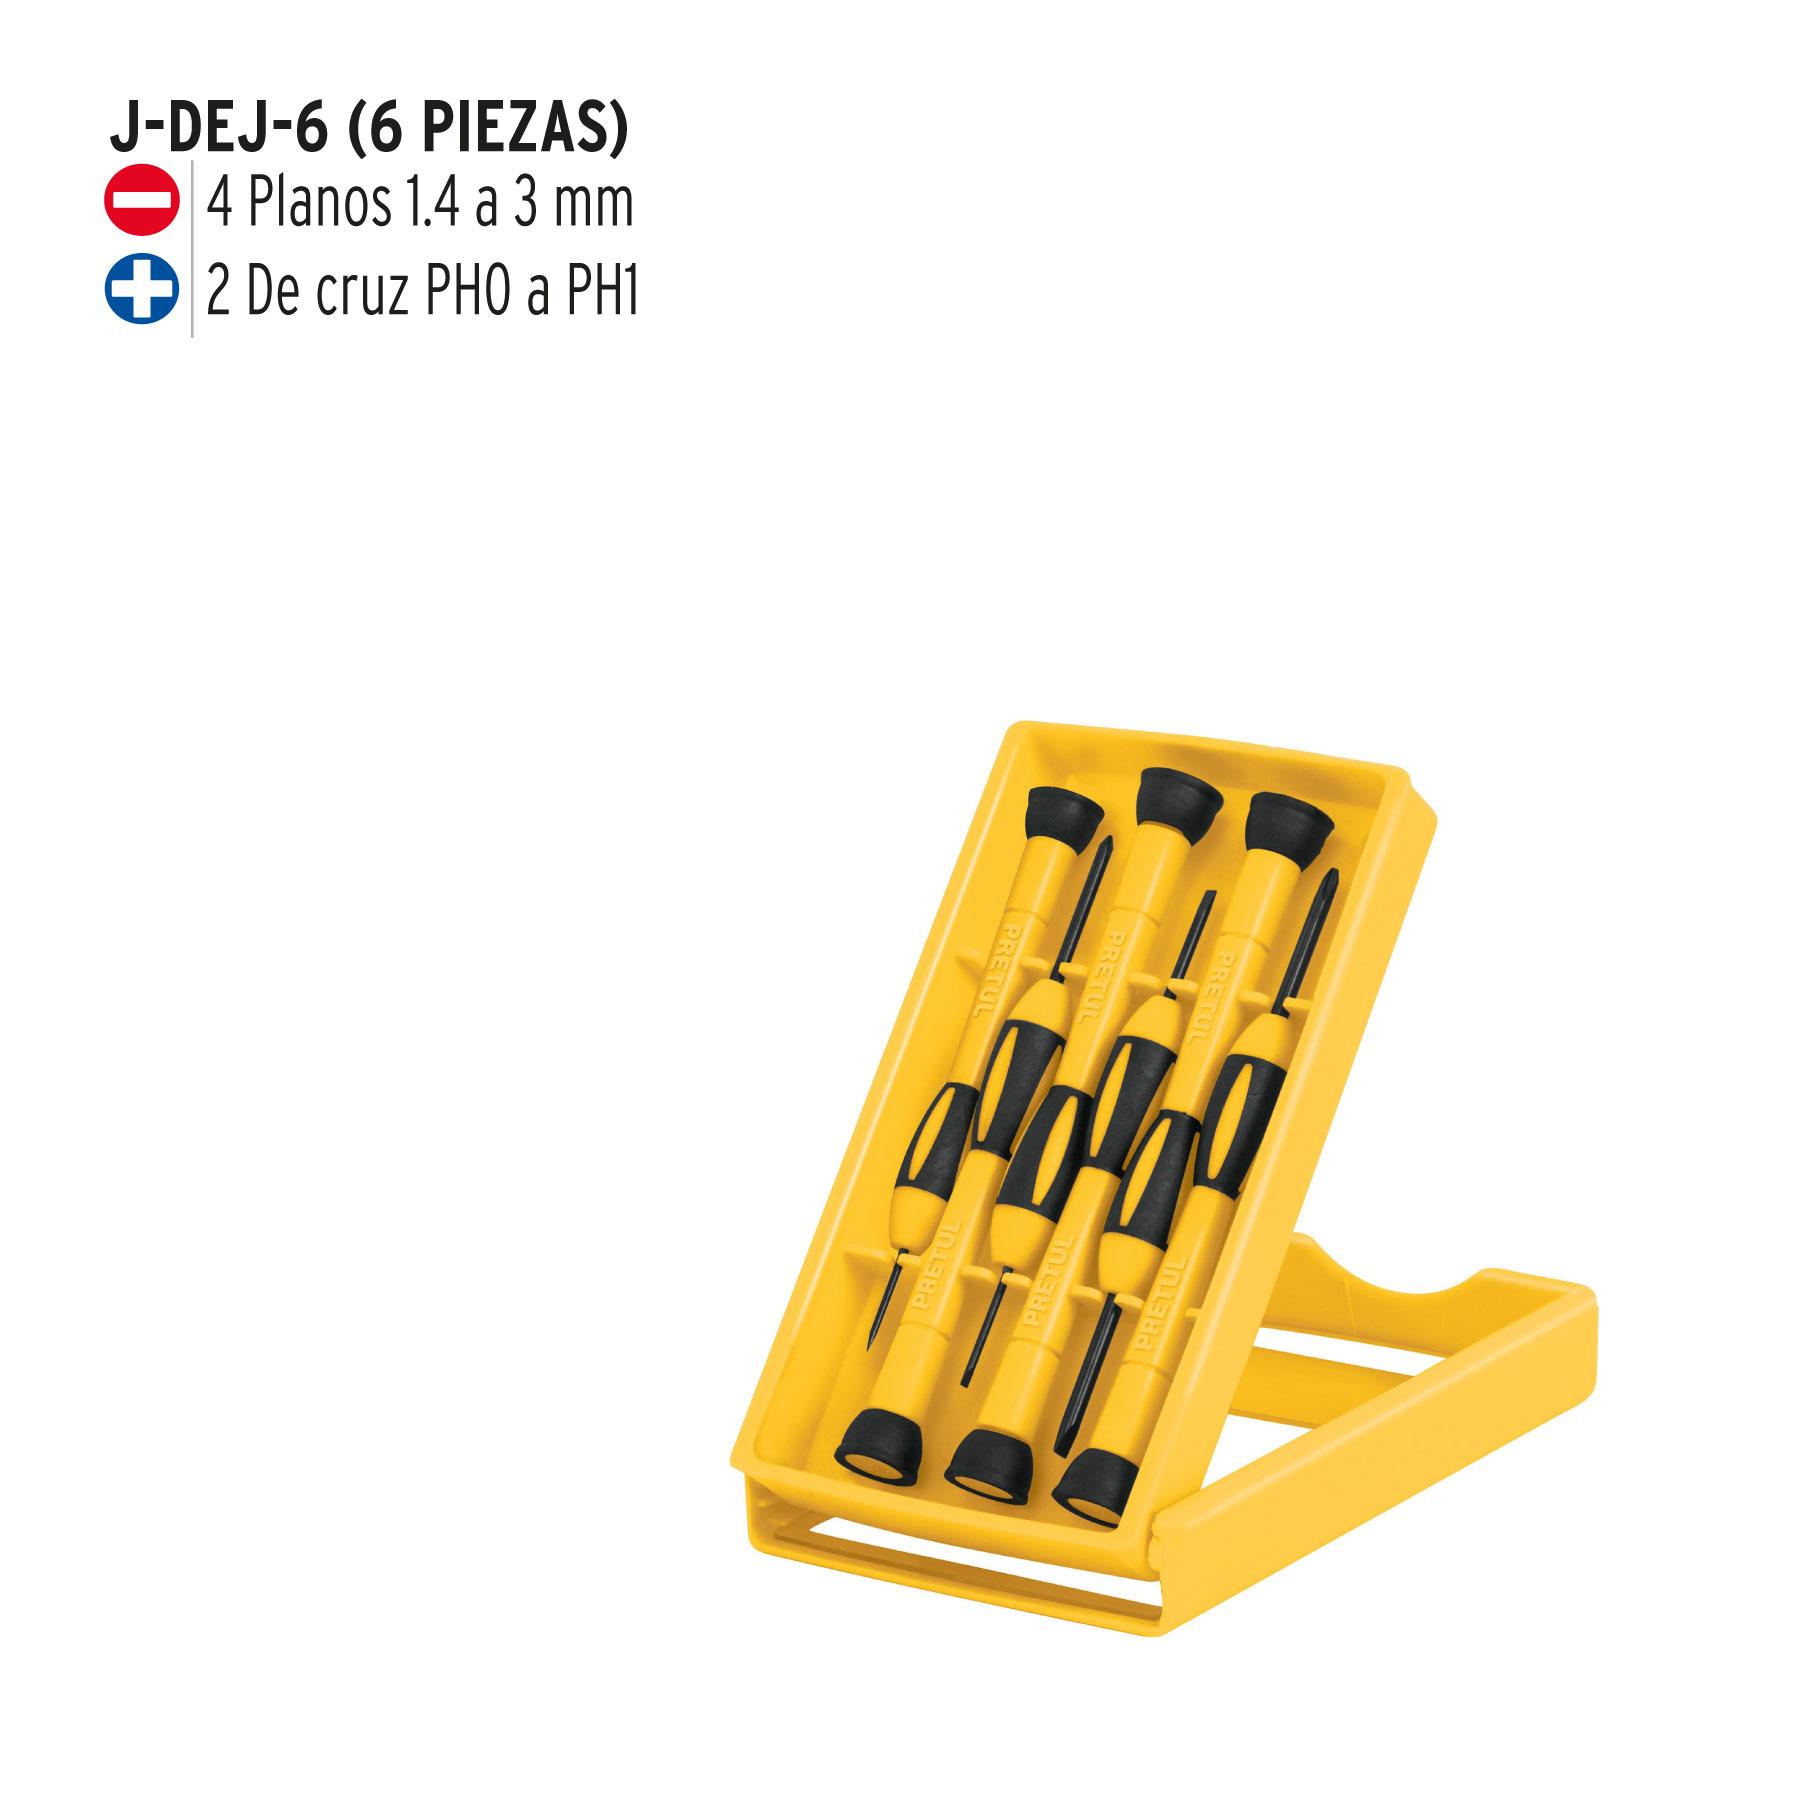 J-DEJ-6+D1